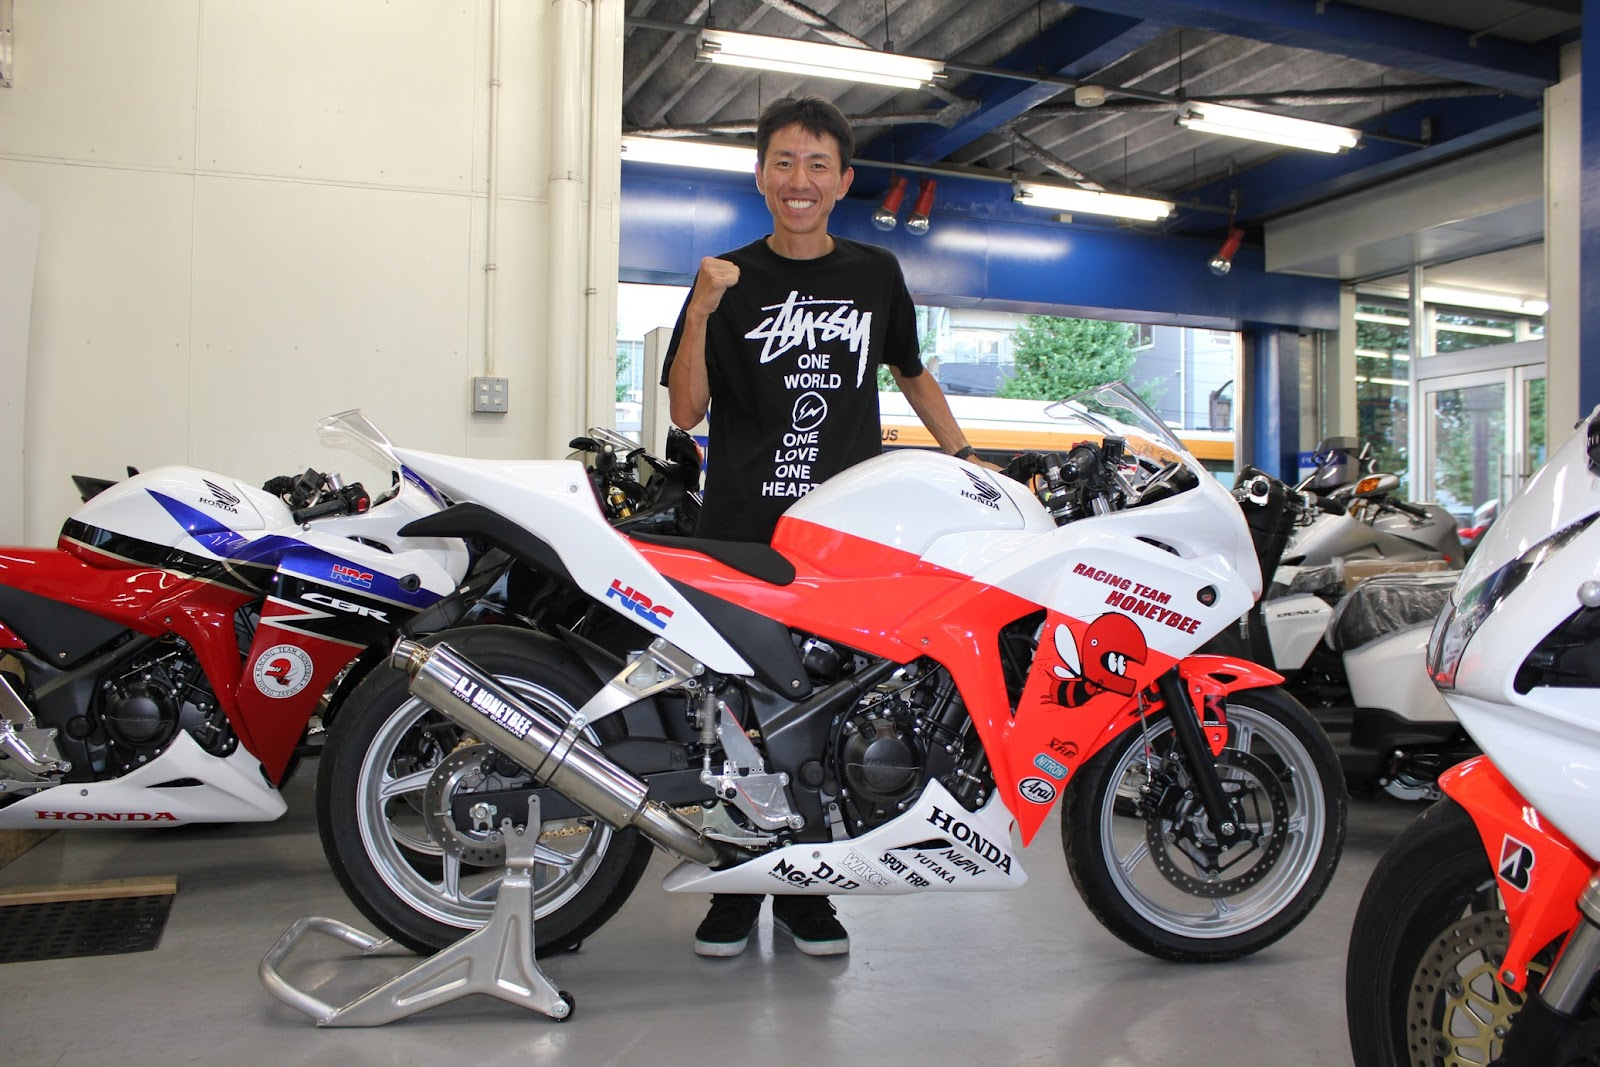 芸能界きってのバイク好き!チュートリアル福田さんの愛車をご紹介のサムネイル画像